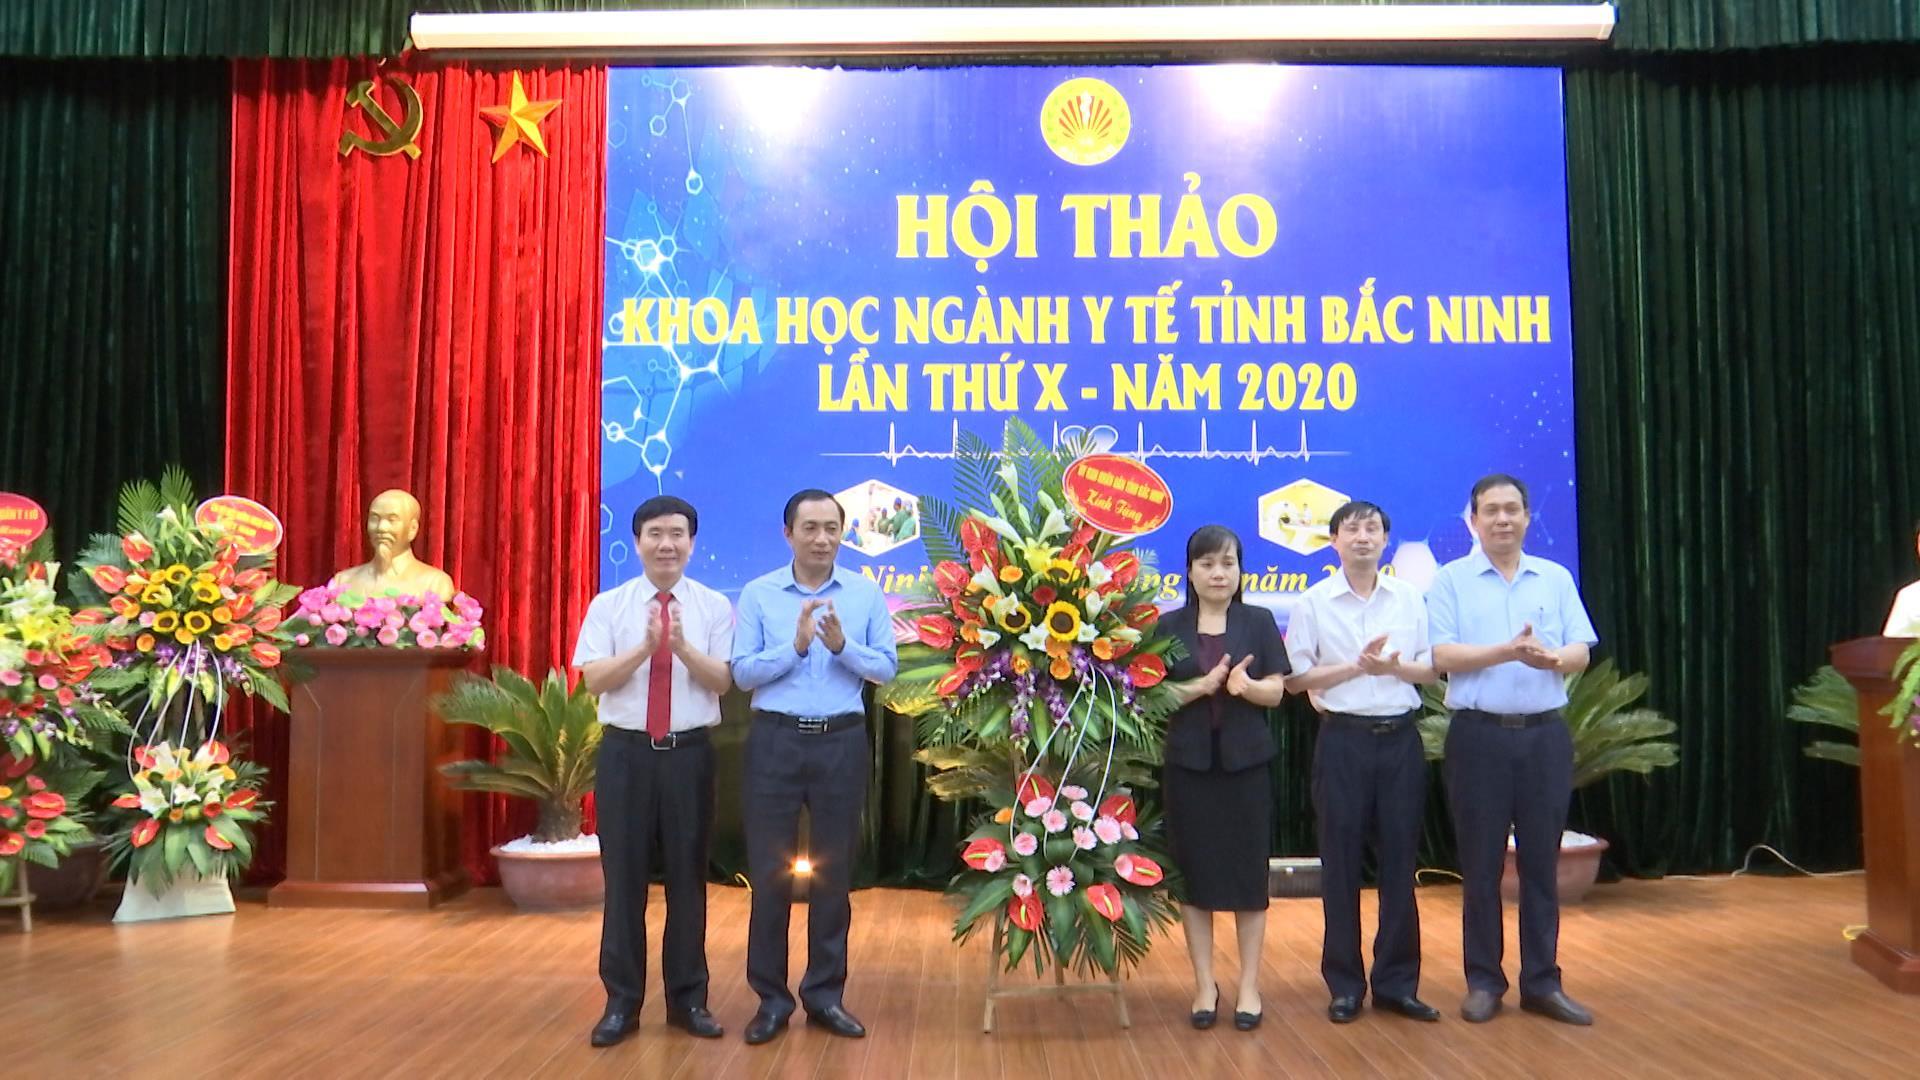 Hội thảo Khoa học Ngành Y tế Bắc Ninh lần thứ X năm 2020